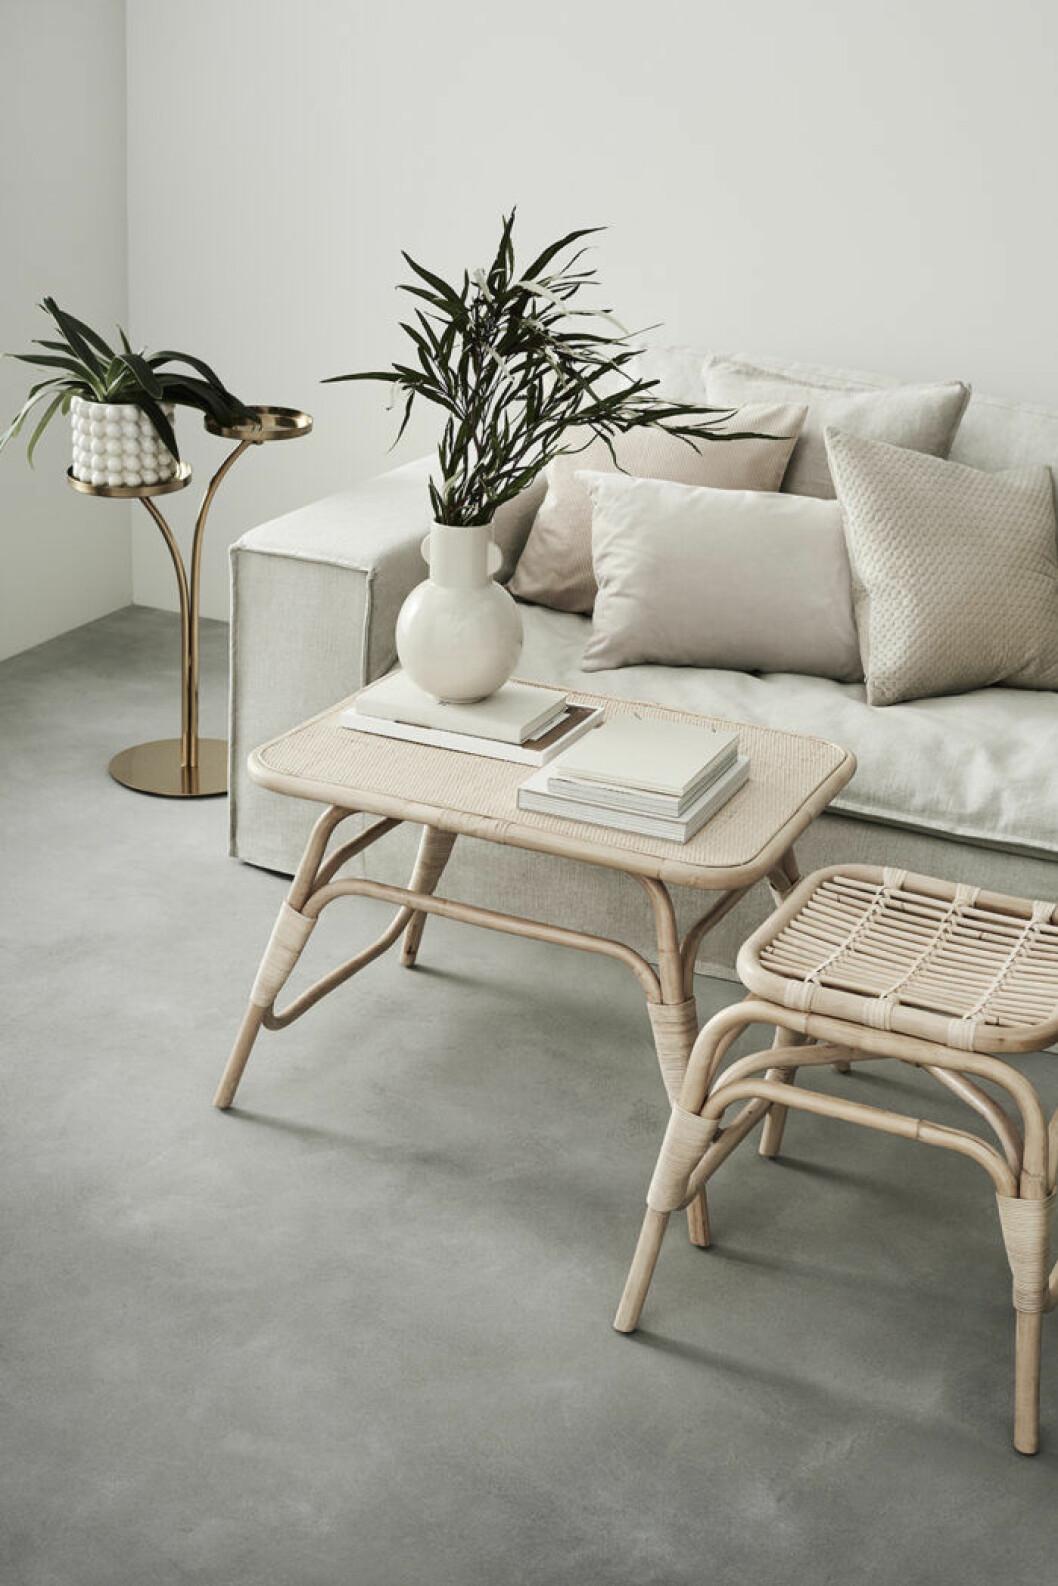 Inredning i rotting och mässing från H&M Homes nya möbelkollektion